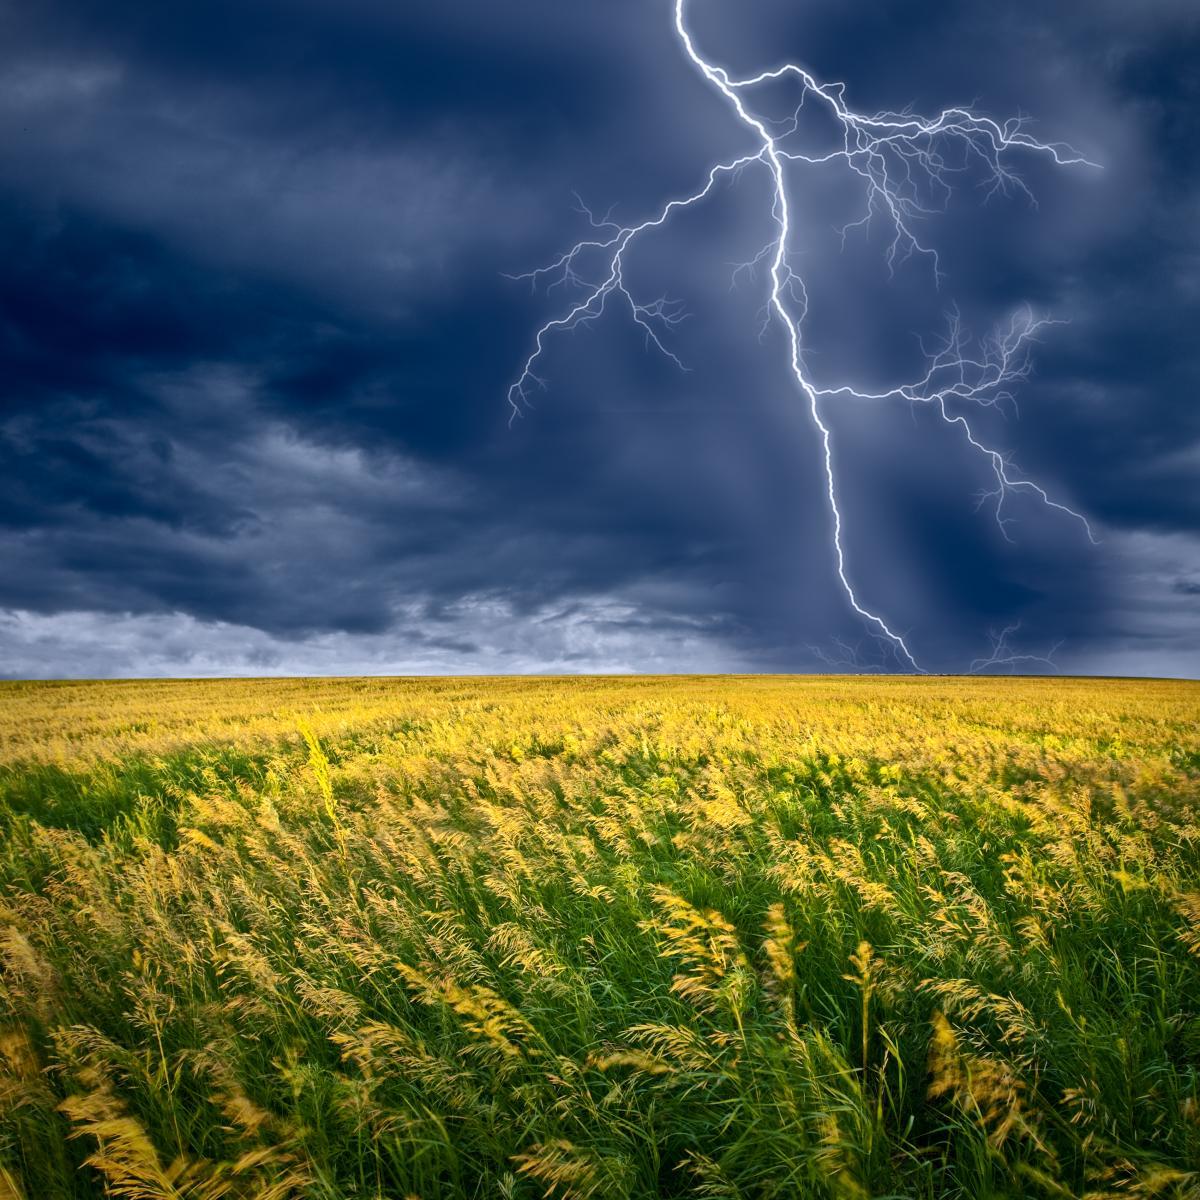 Як поводитися під час грози / фото ua.depositphotos.com